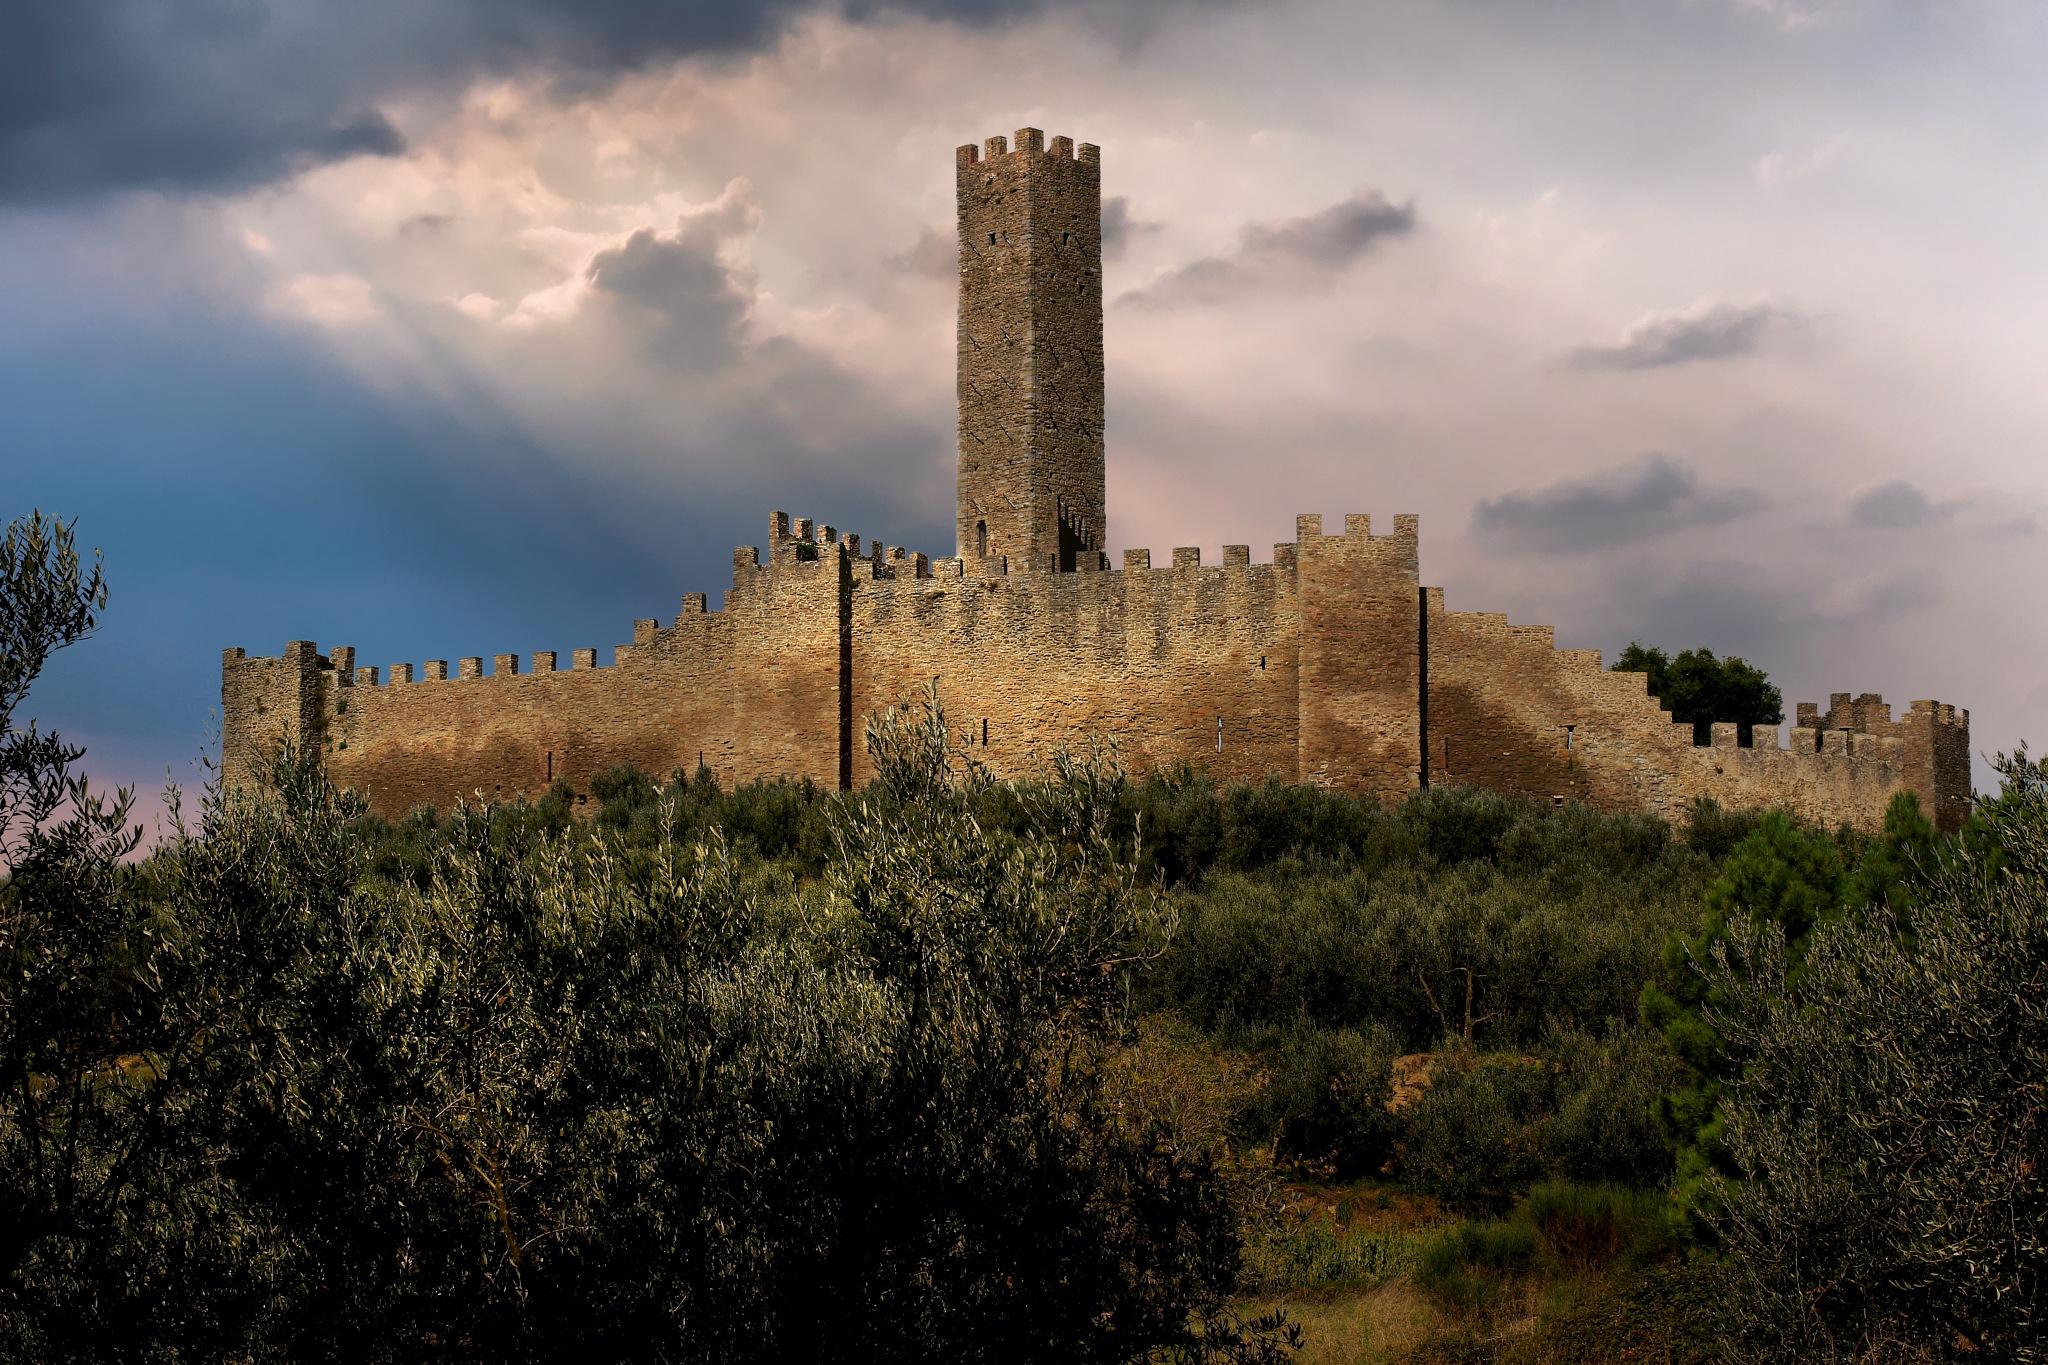 Castello di Montecchio by MarkSoetebierVideophotography